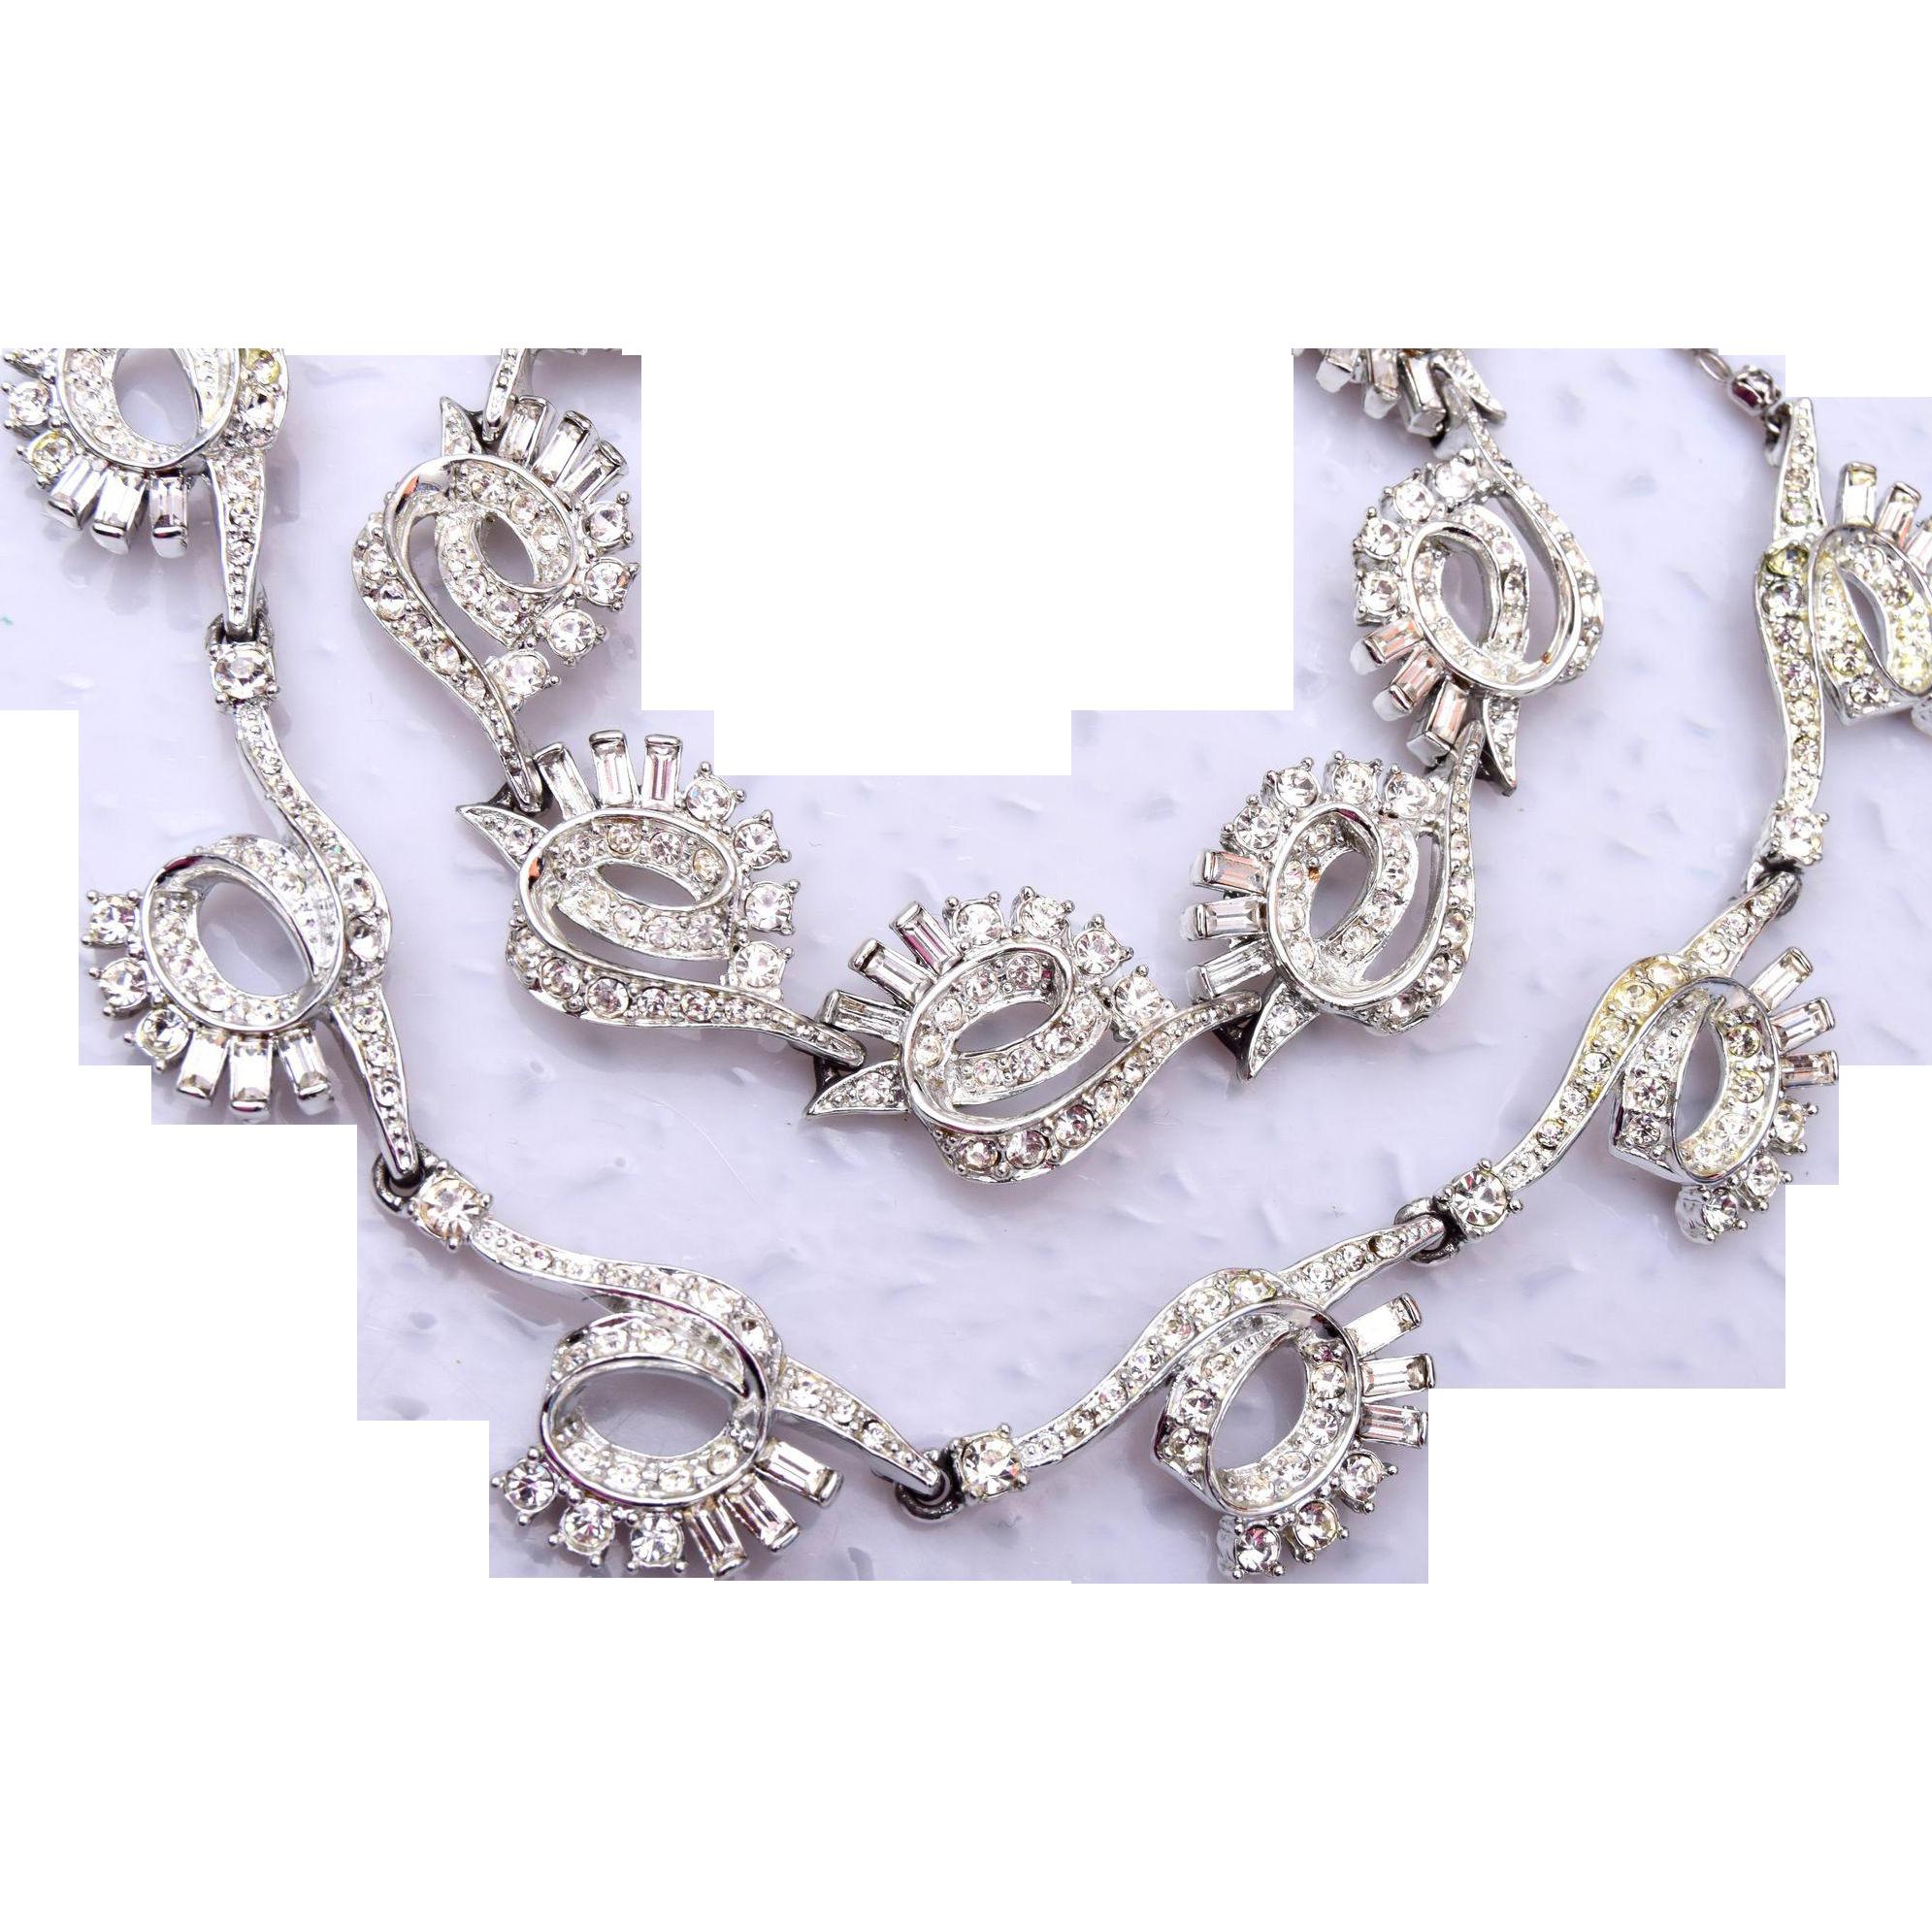 Charel Rhinestone Necklace and Bracelet Set